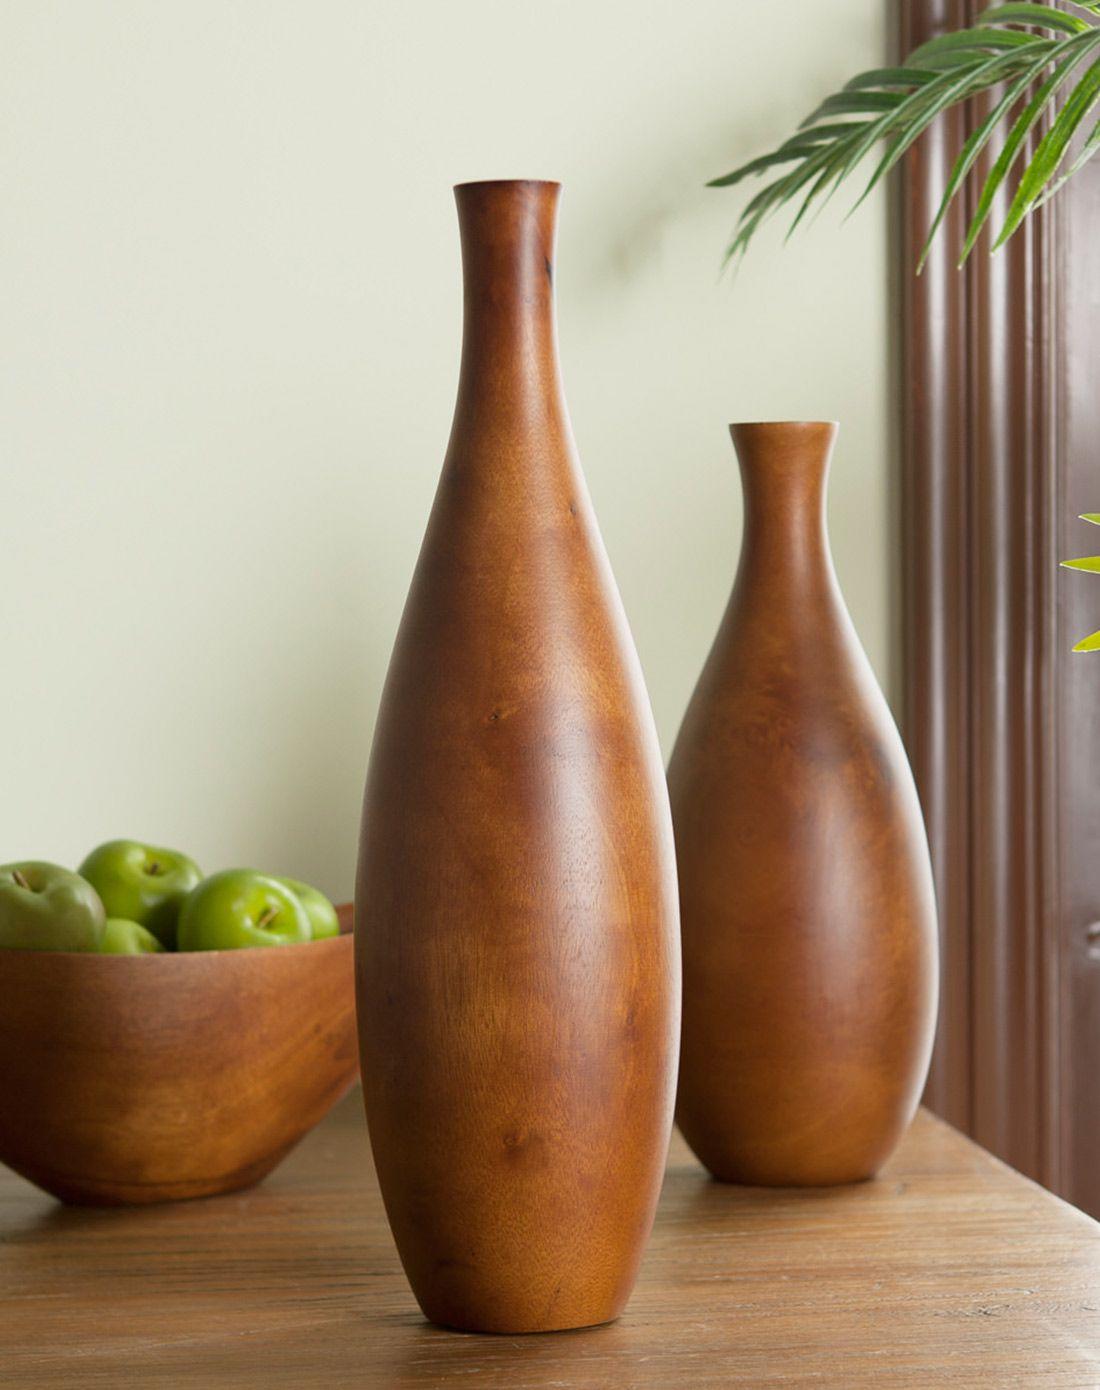 青枝绿叶 深原木色芒果木花瓶,高